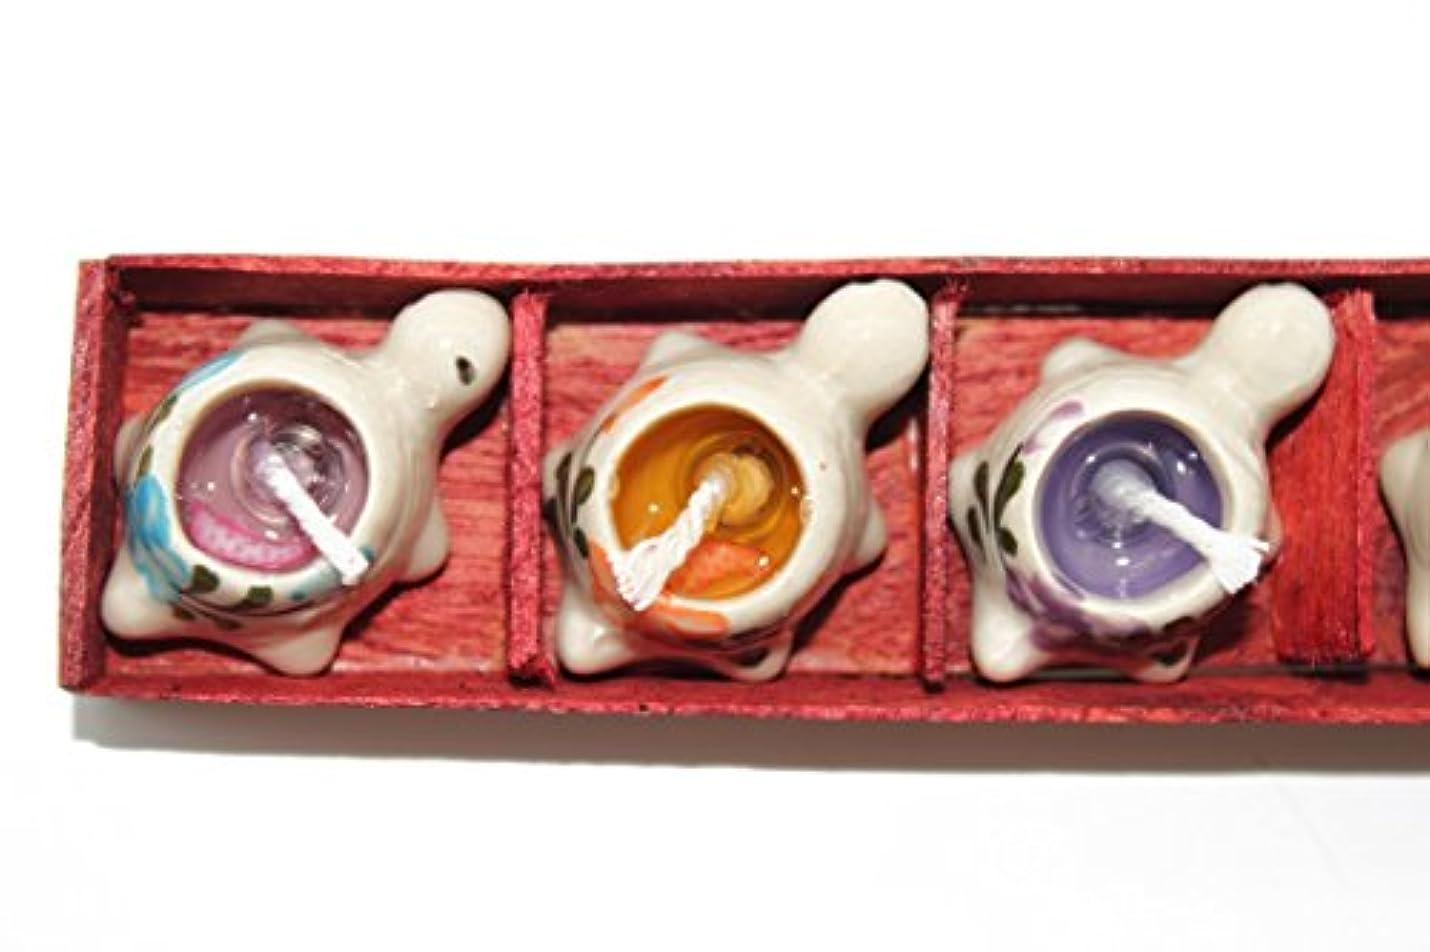 メイエラ遺伝子識別するハワイハンドプリントセラミックTurtleまたはHeart Candle Holder Set with 5 Scents One Size LIA-CD5TT